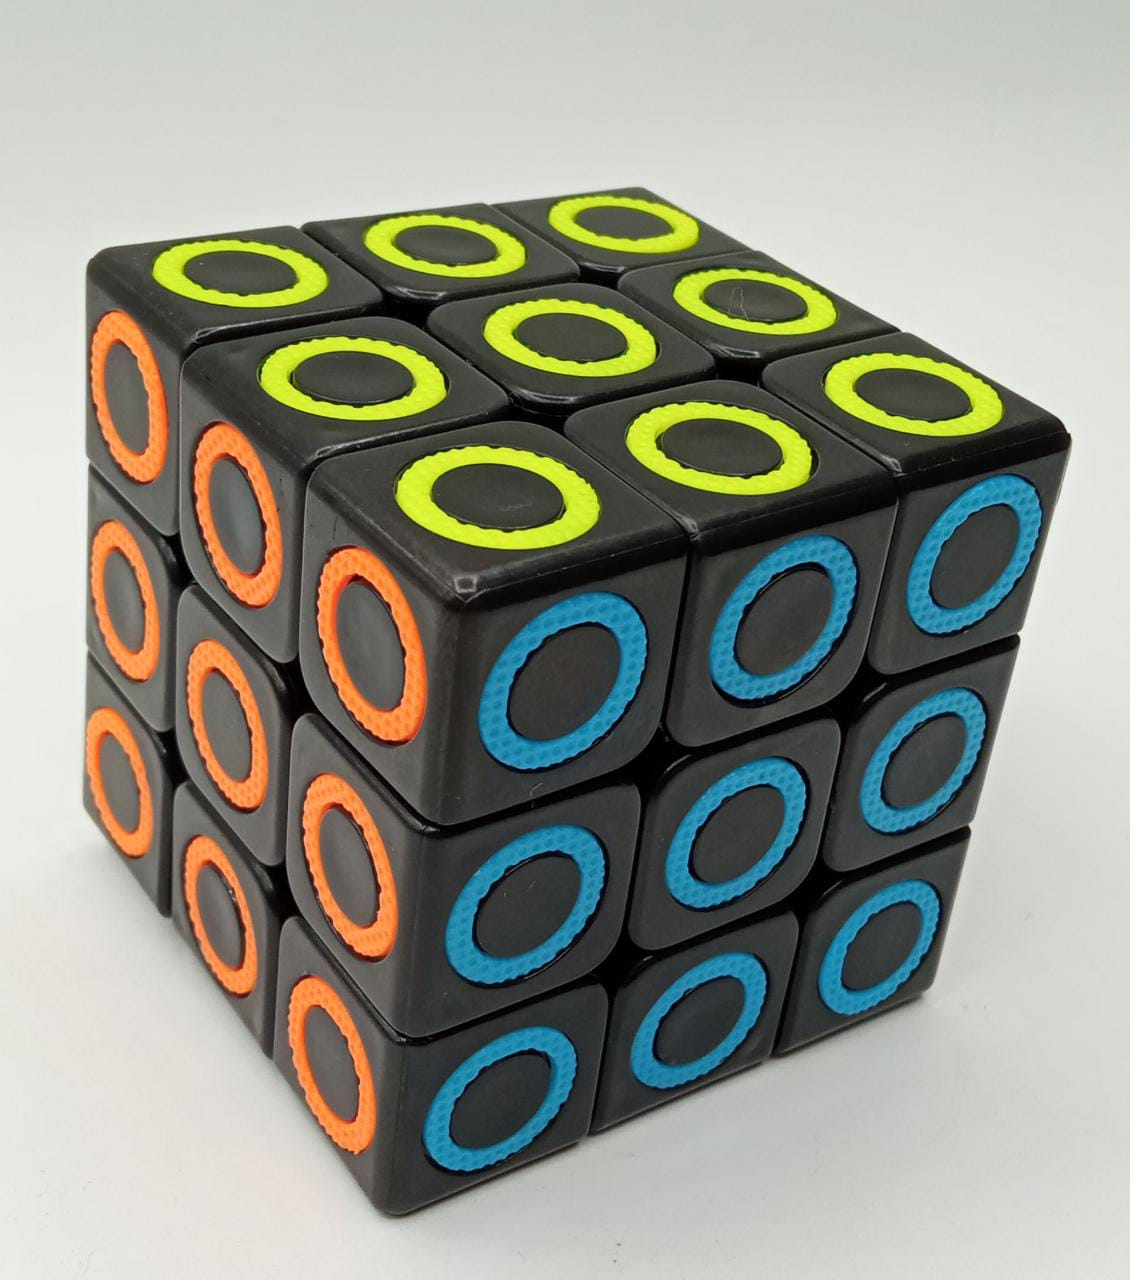 Cubo Mágico: Profissional Círculos (902) - Preto